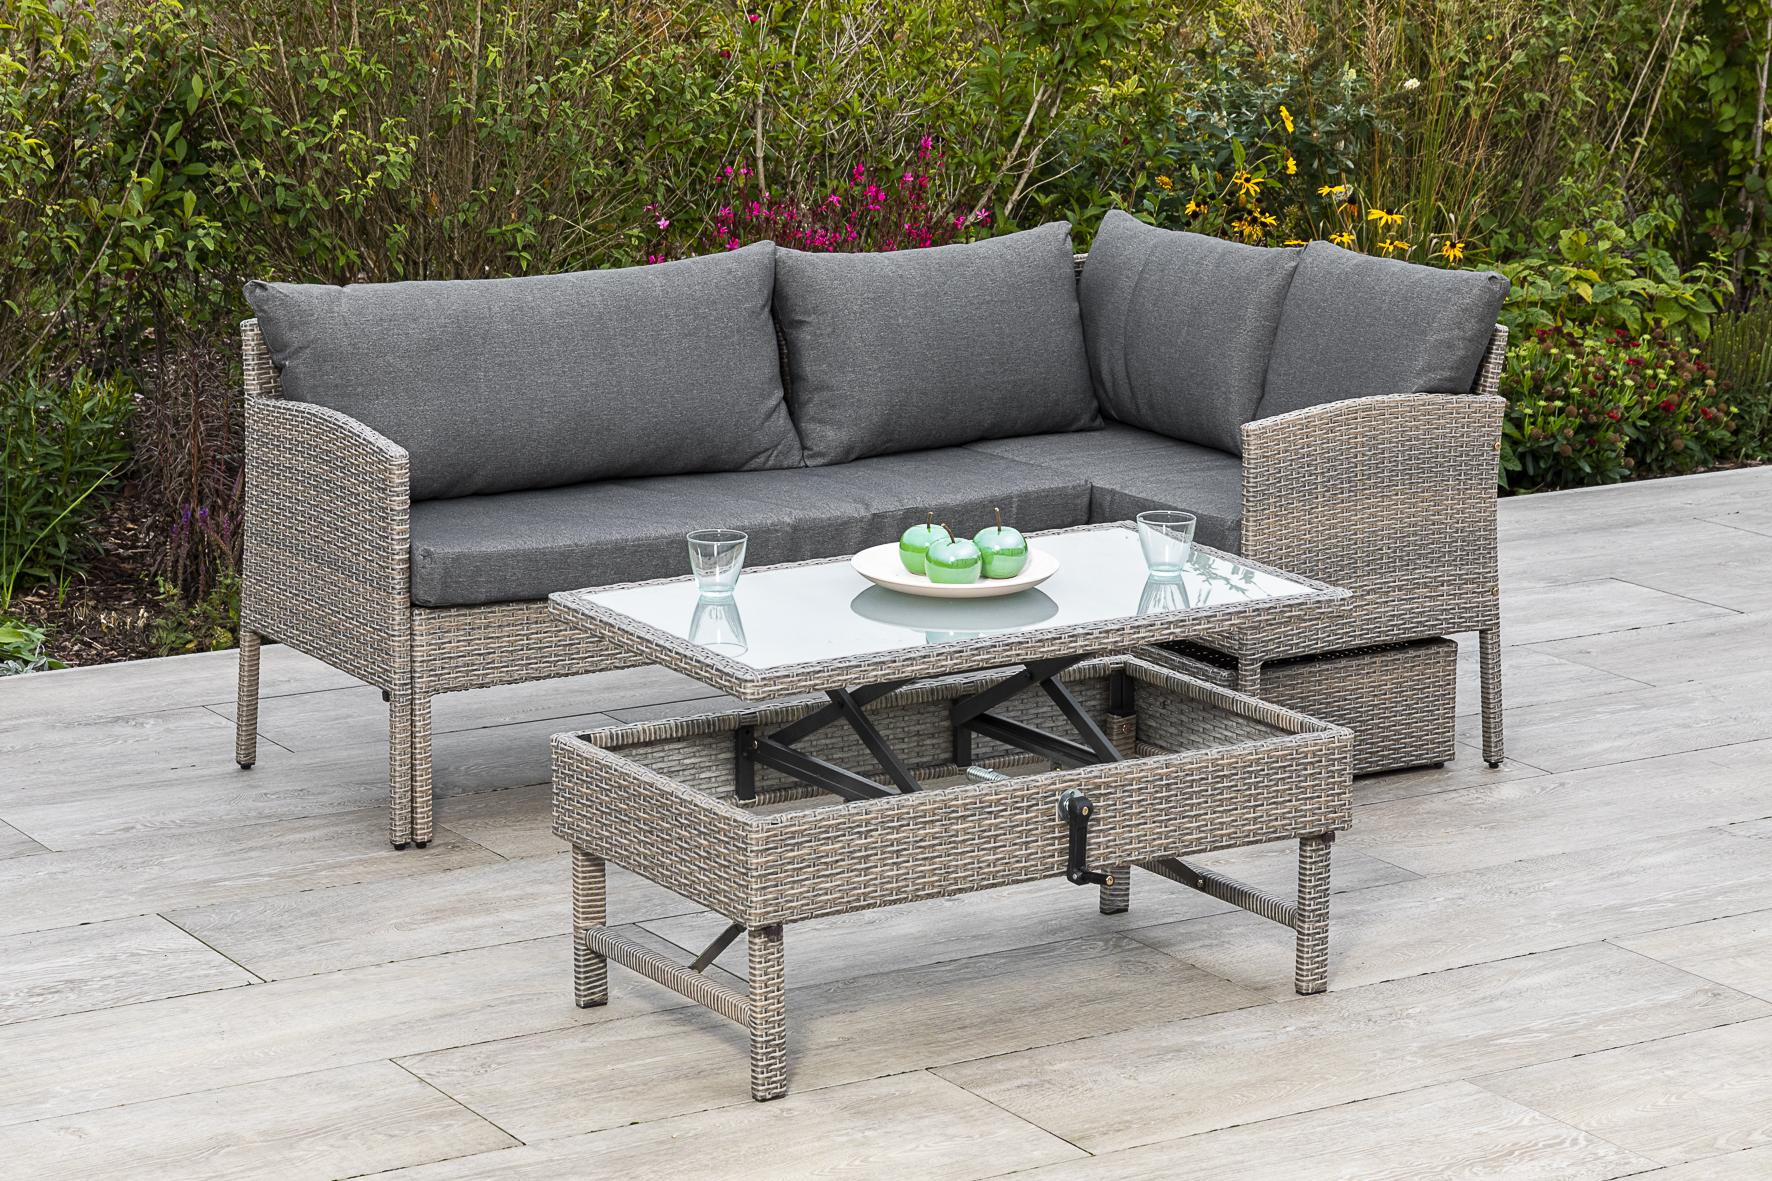 Lounge Set VALLETTA, Stahl + Polyrattan graubeige, mit Liegefunktion, Polster grau